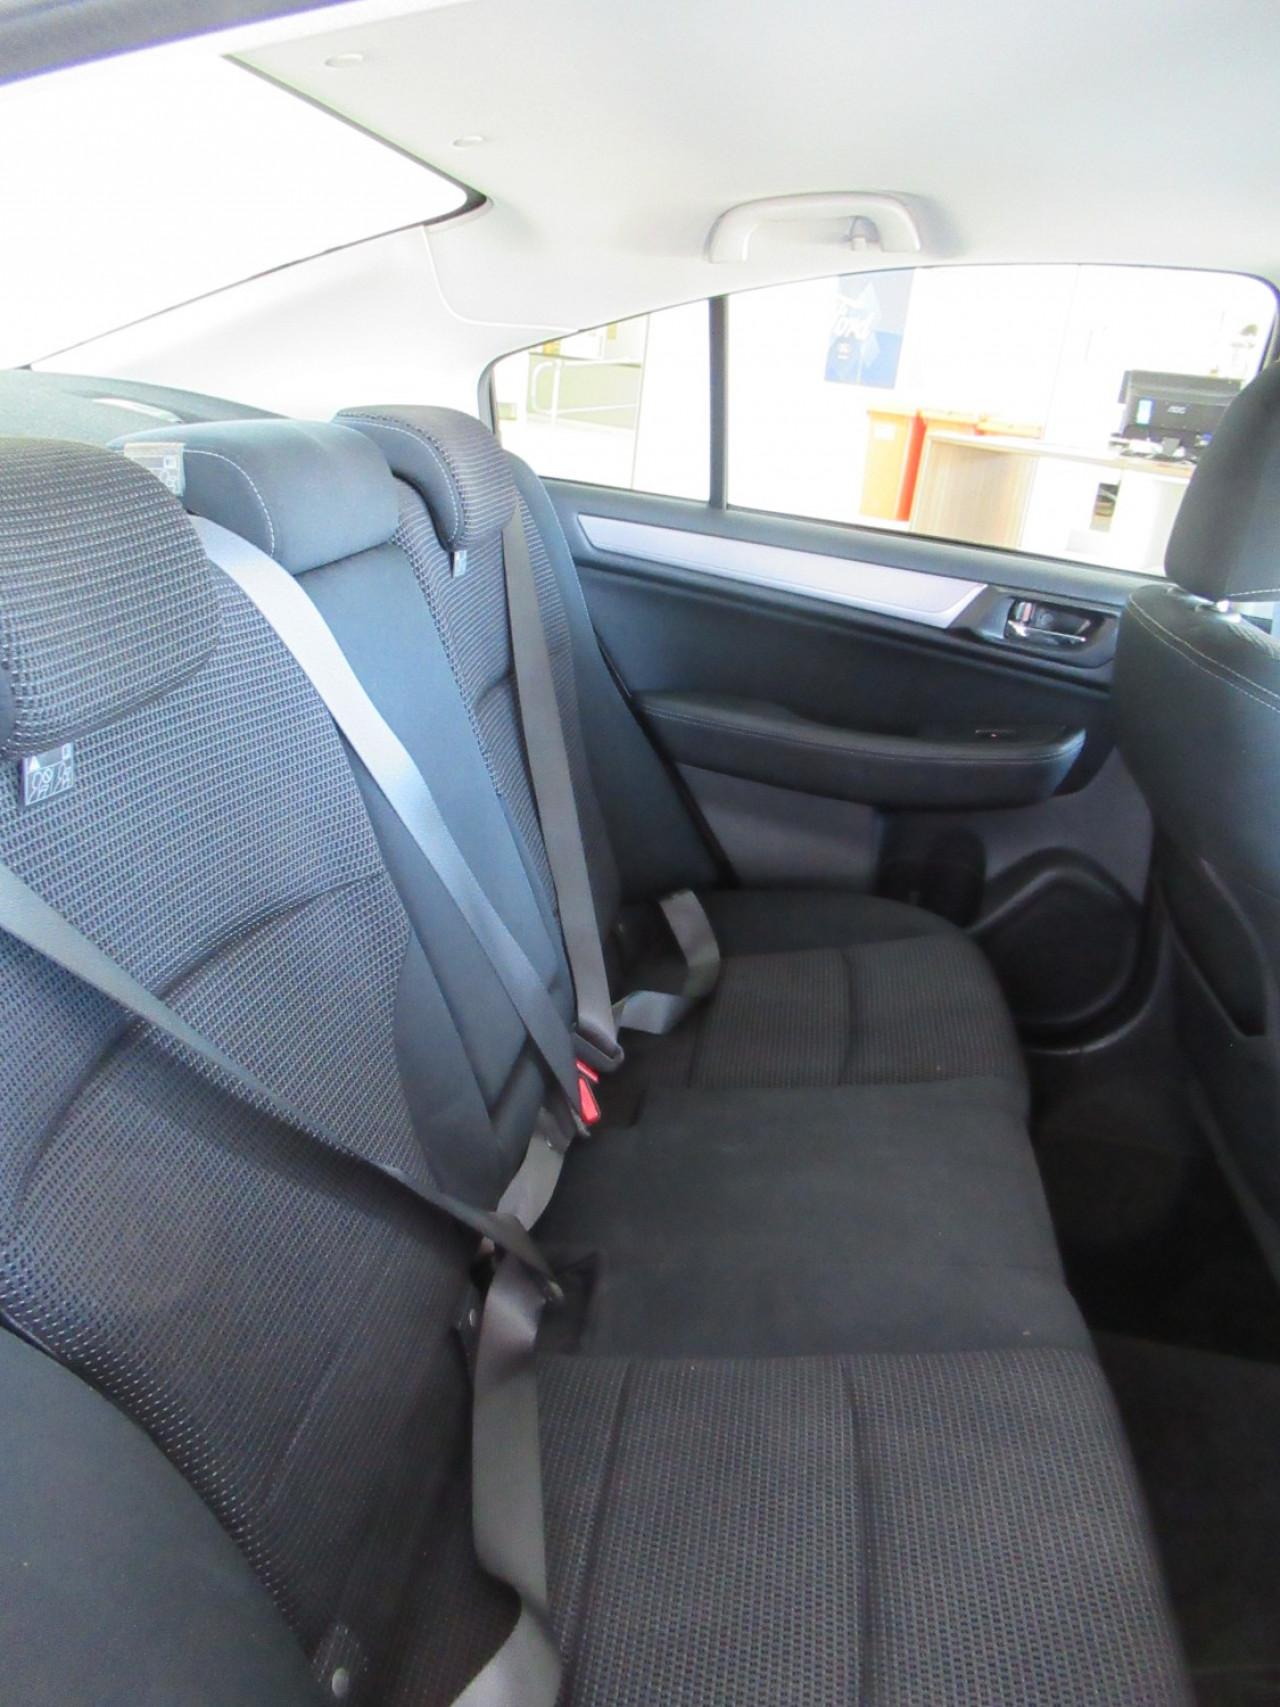 2016 Subaru Liberty 6GEN 2.5i Sedan Image 22